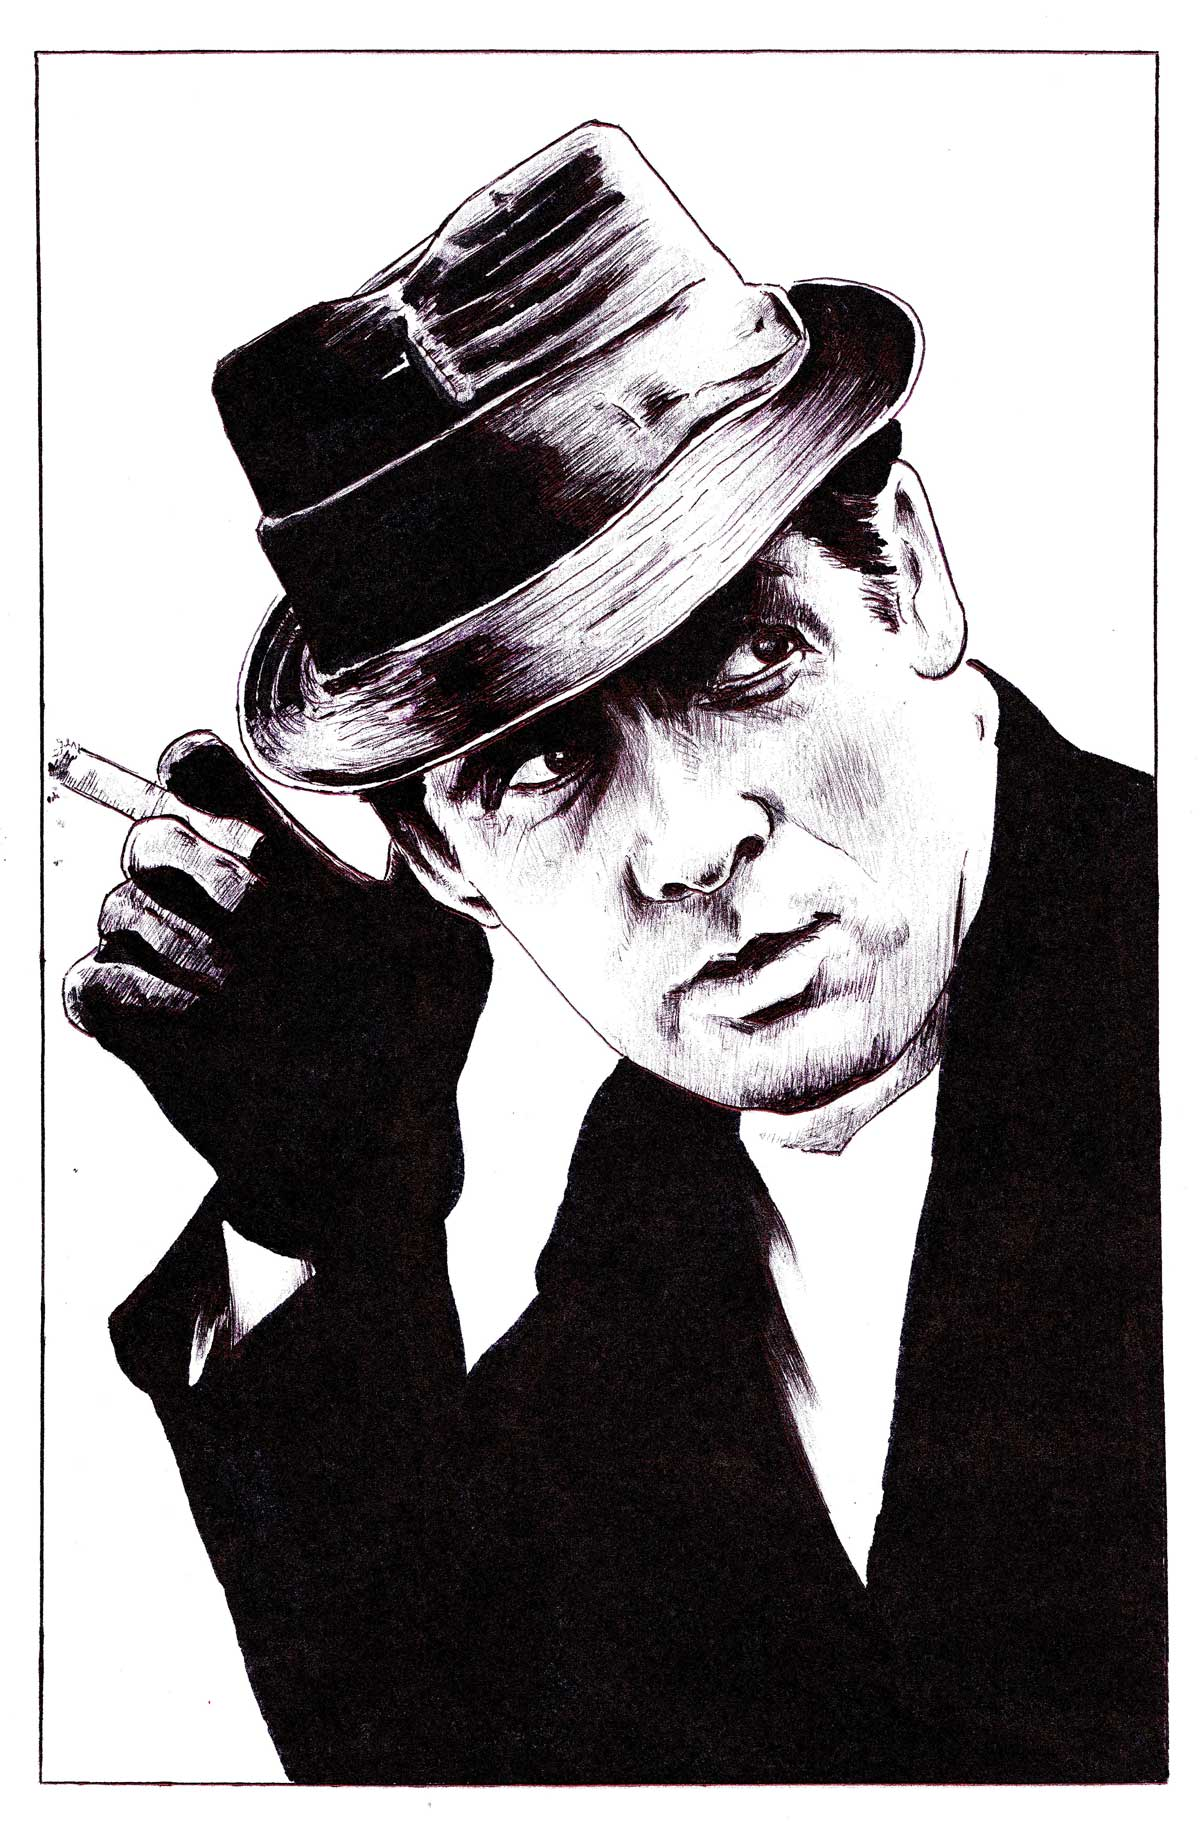 Danger Man art by Brian Gorman